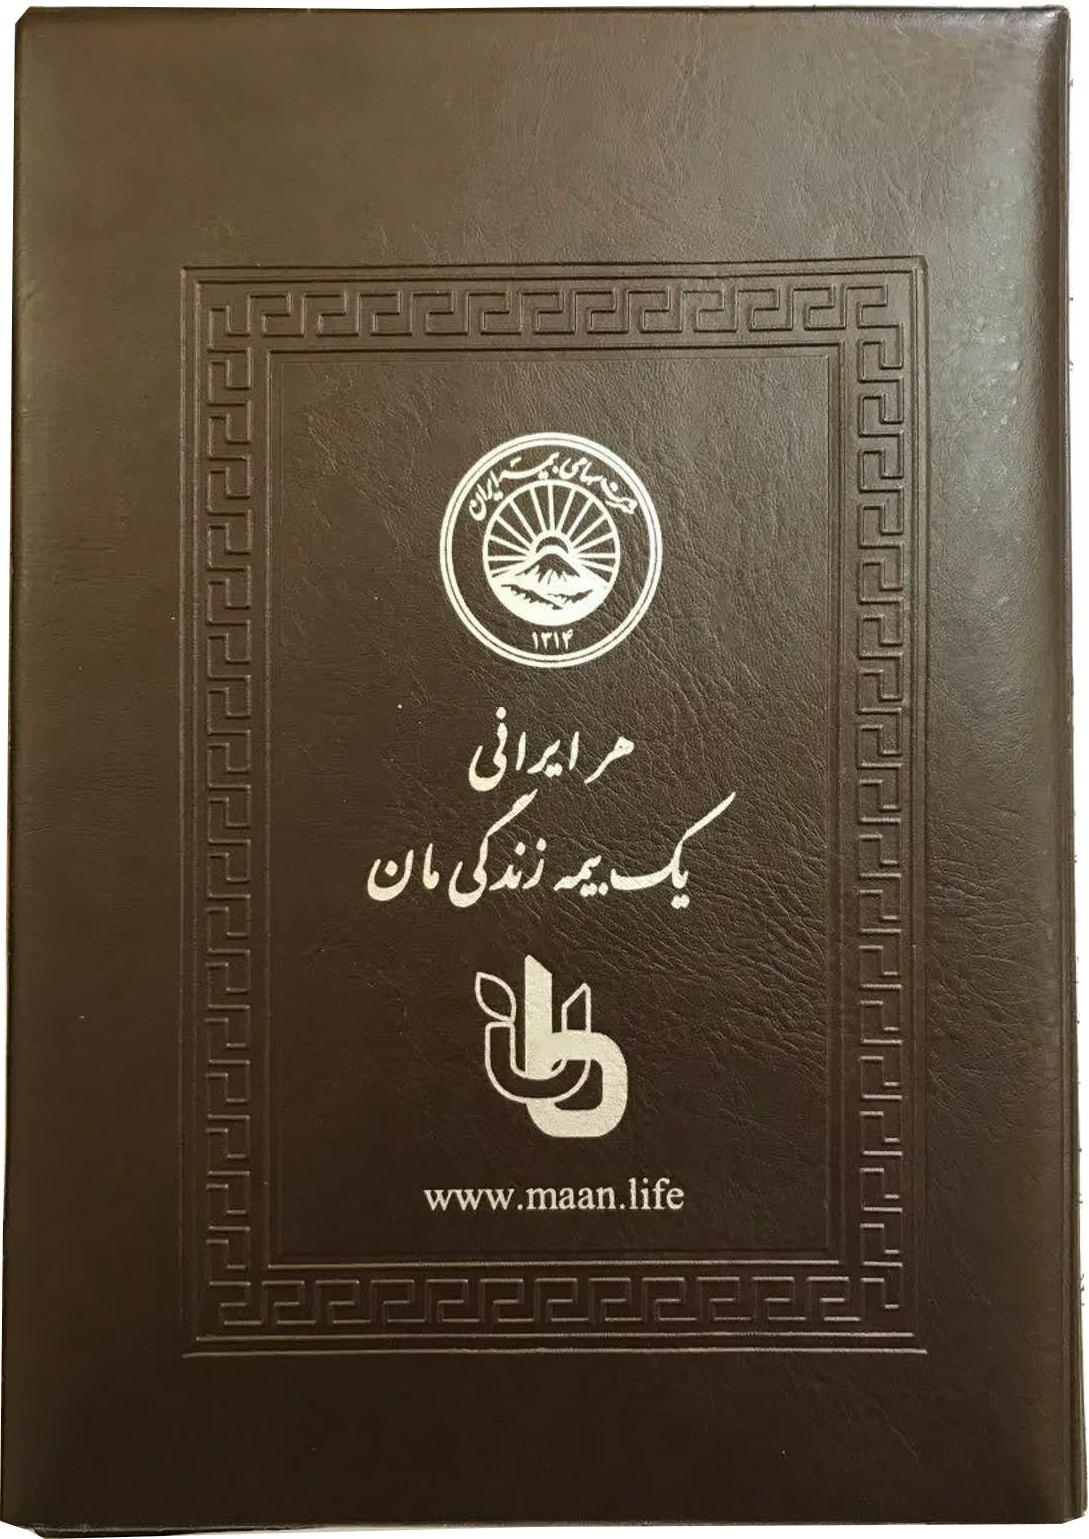 قیمت جلد بیمه نامه عمر چرمی